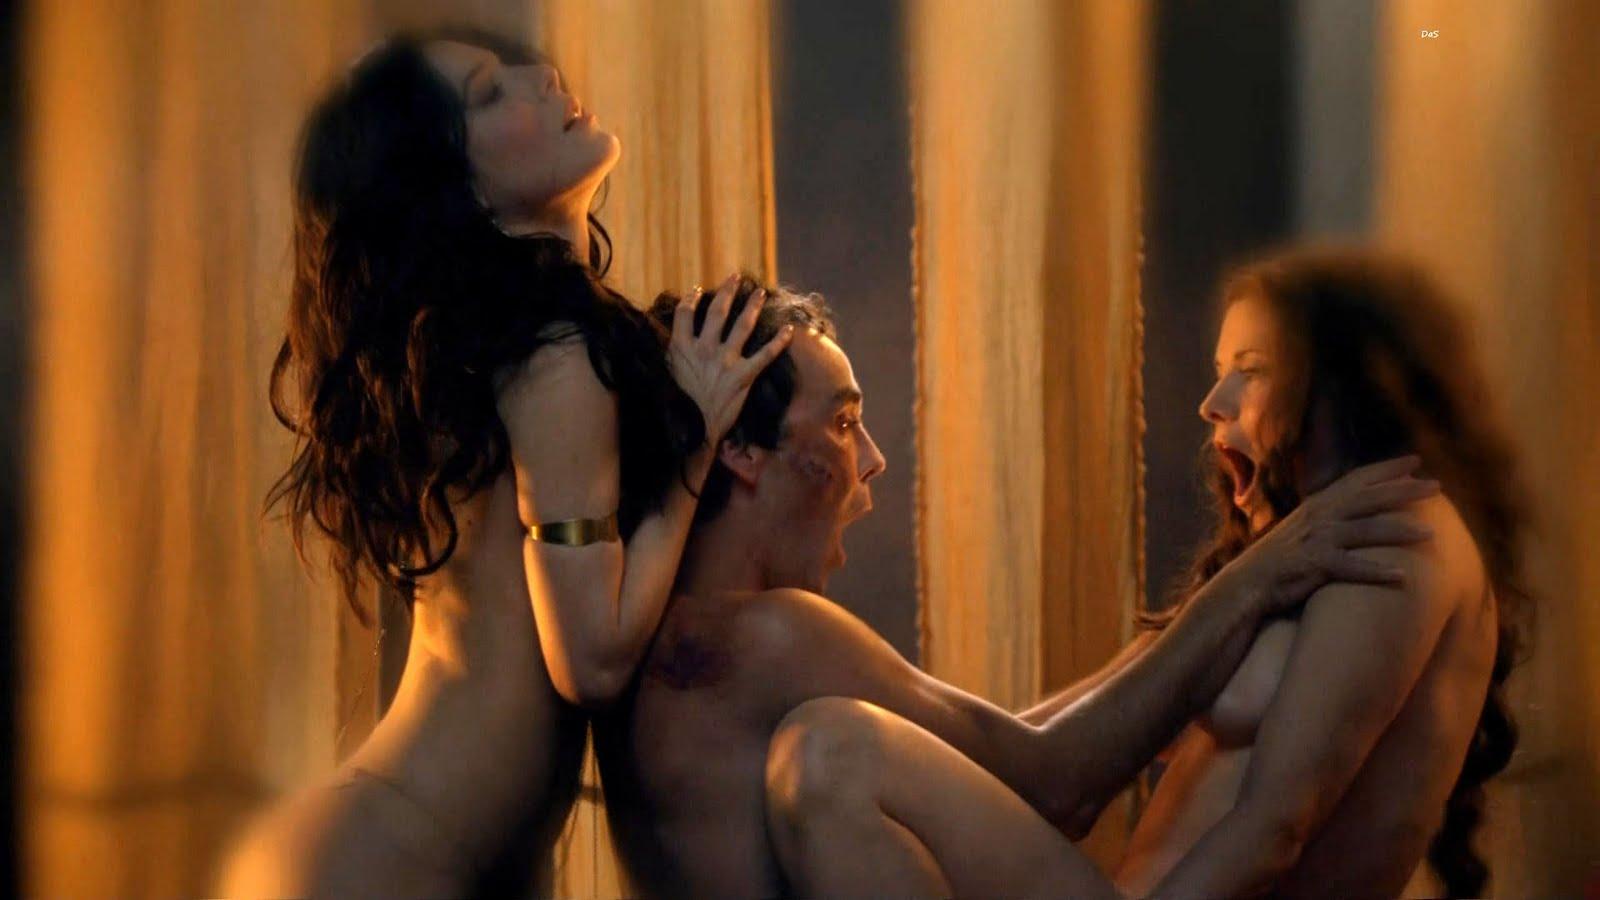 momenti-ne-voshedshie-v-film-erotiki